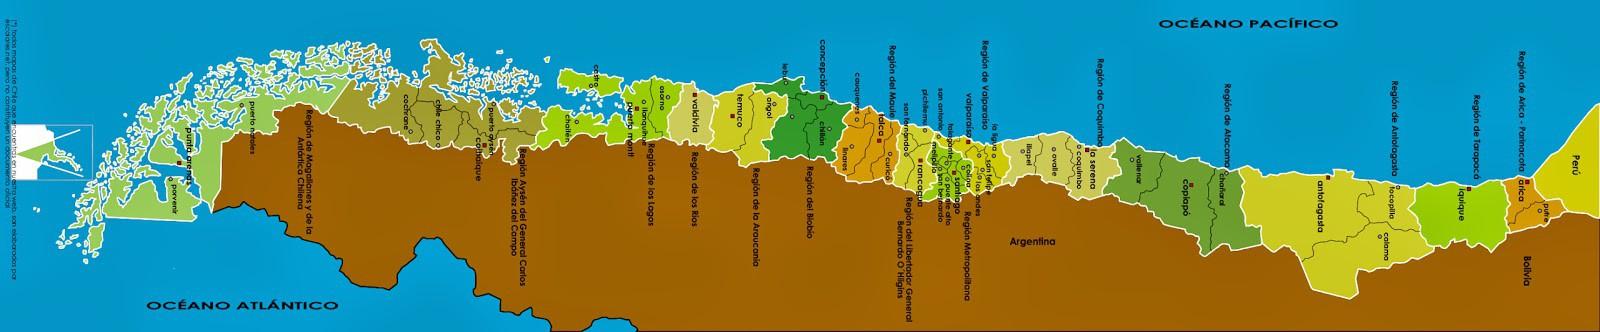 Mapa de chile politico